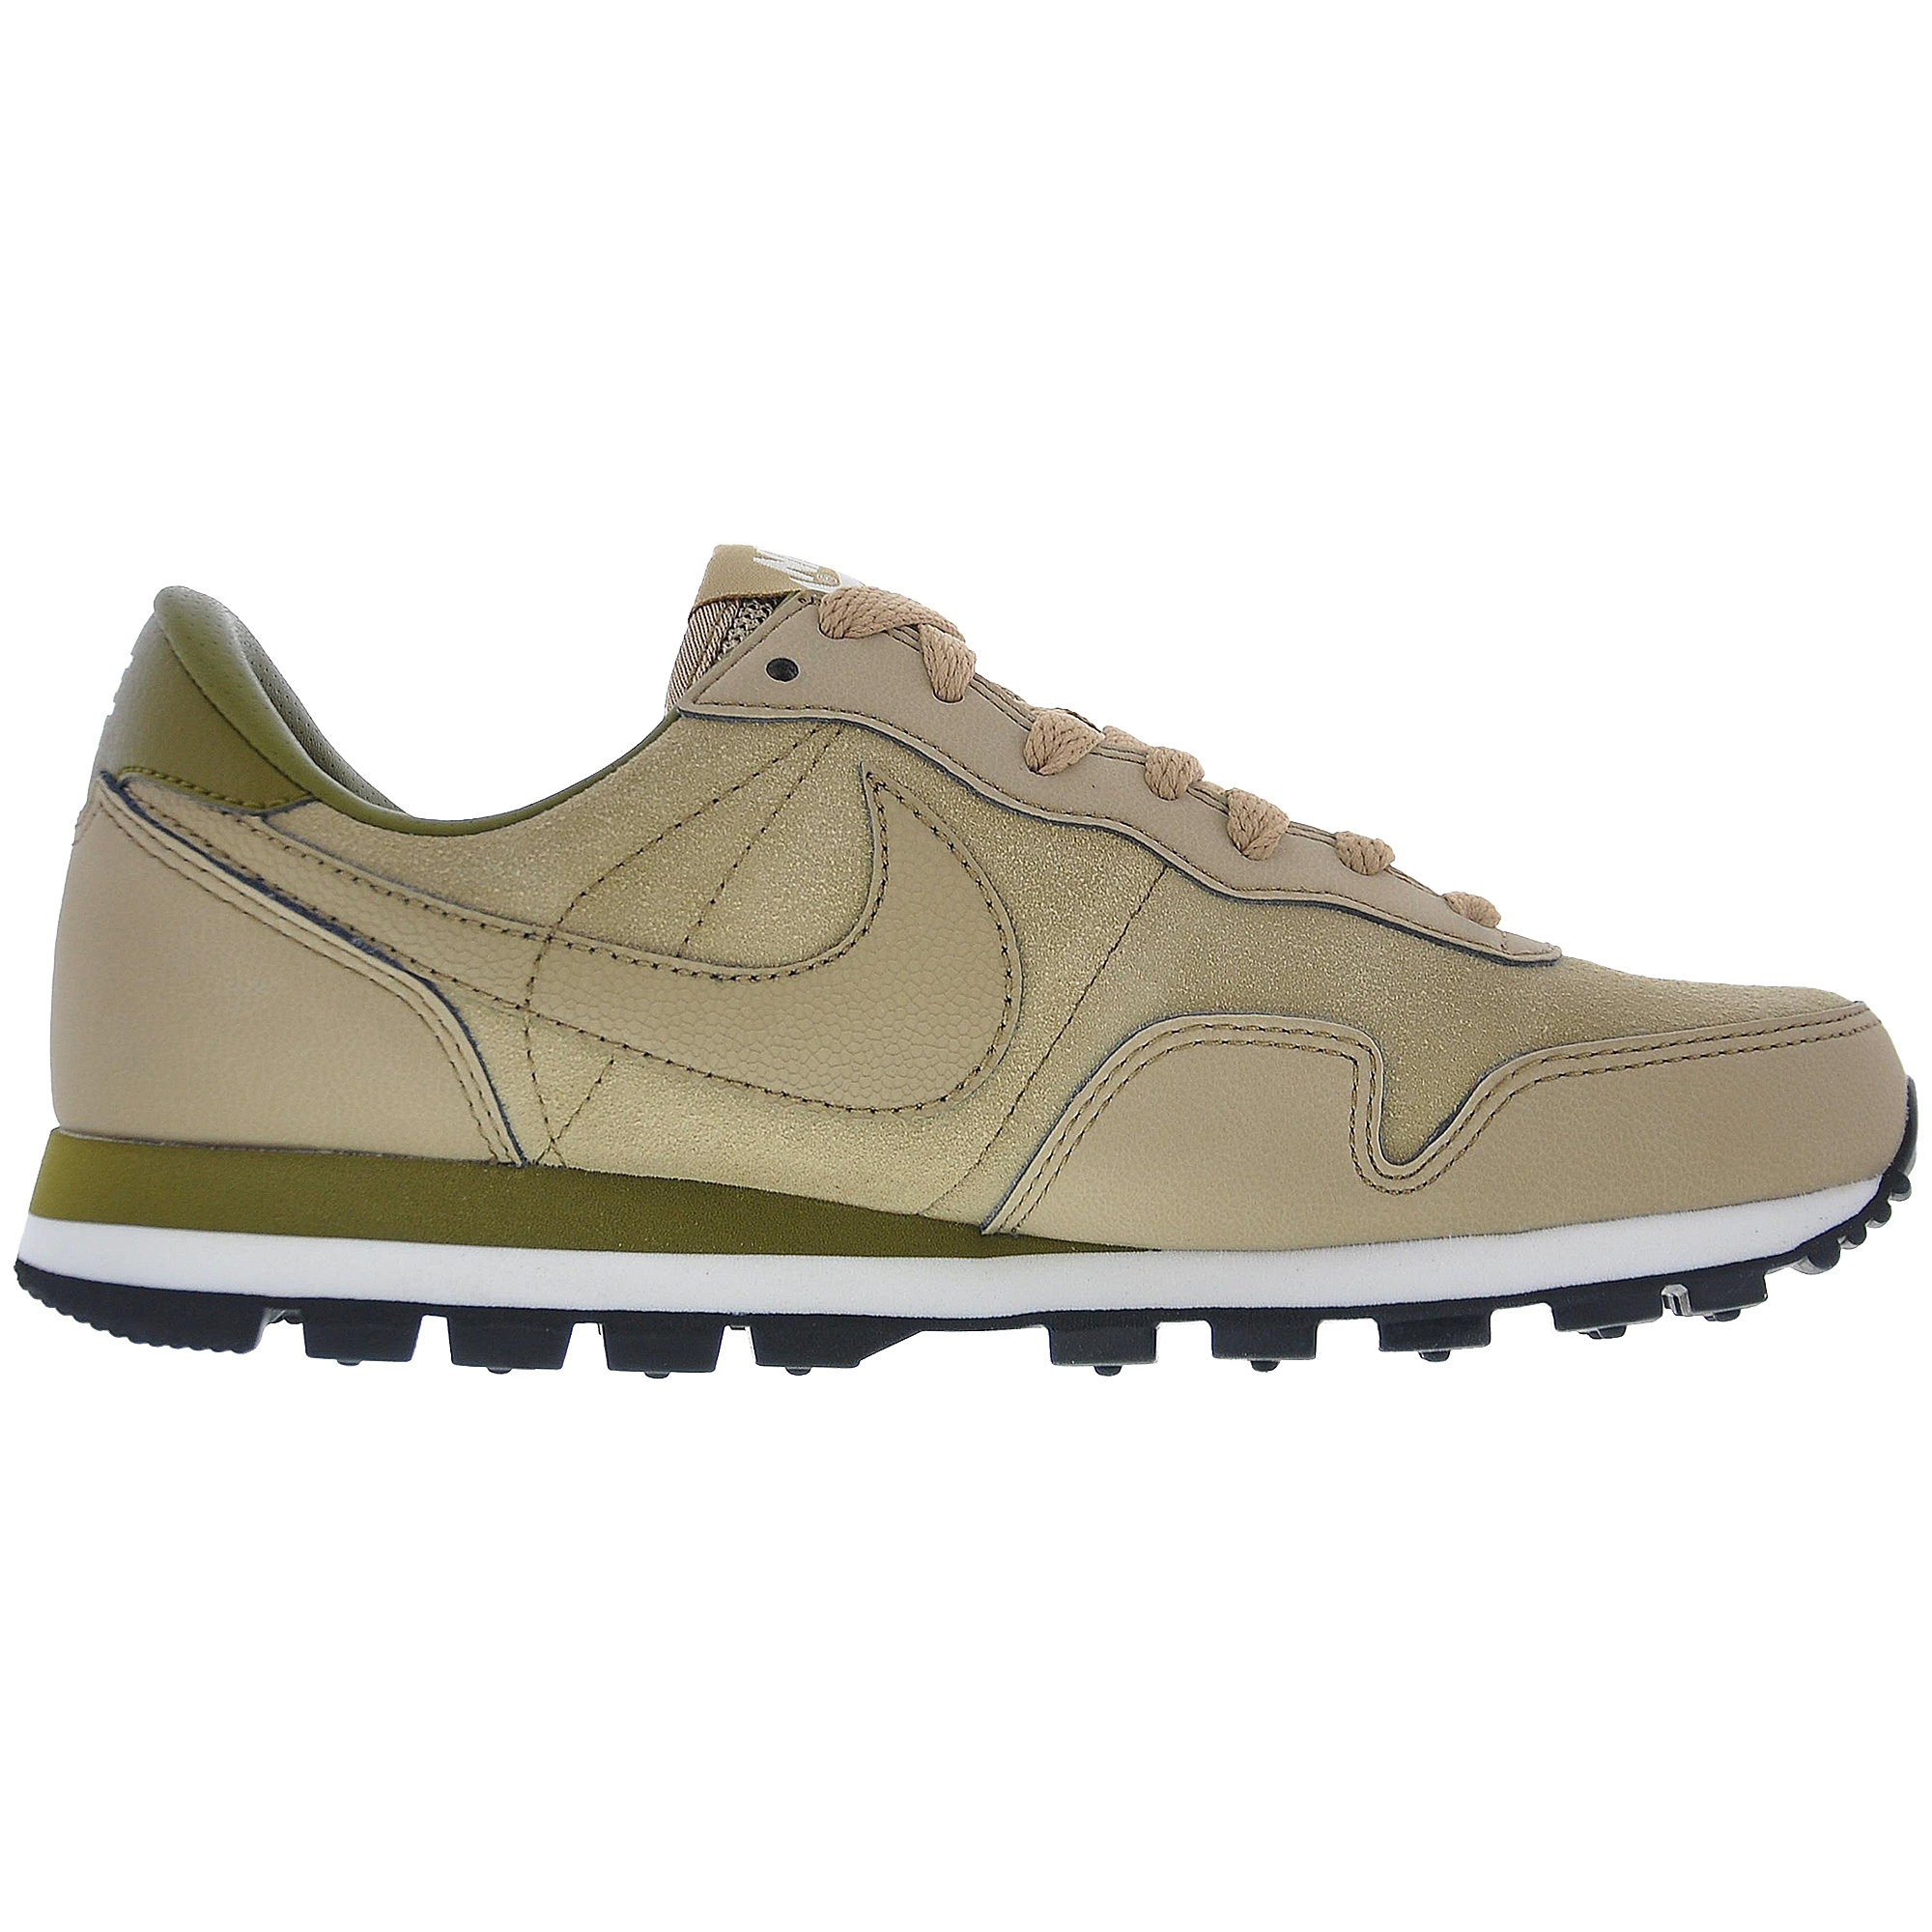 new arrival 39248 6d17e nike court lite mens tennis shoes amazon jaden smith shoes